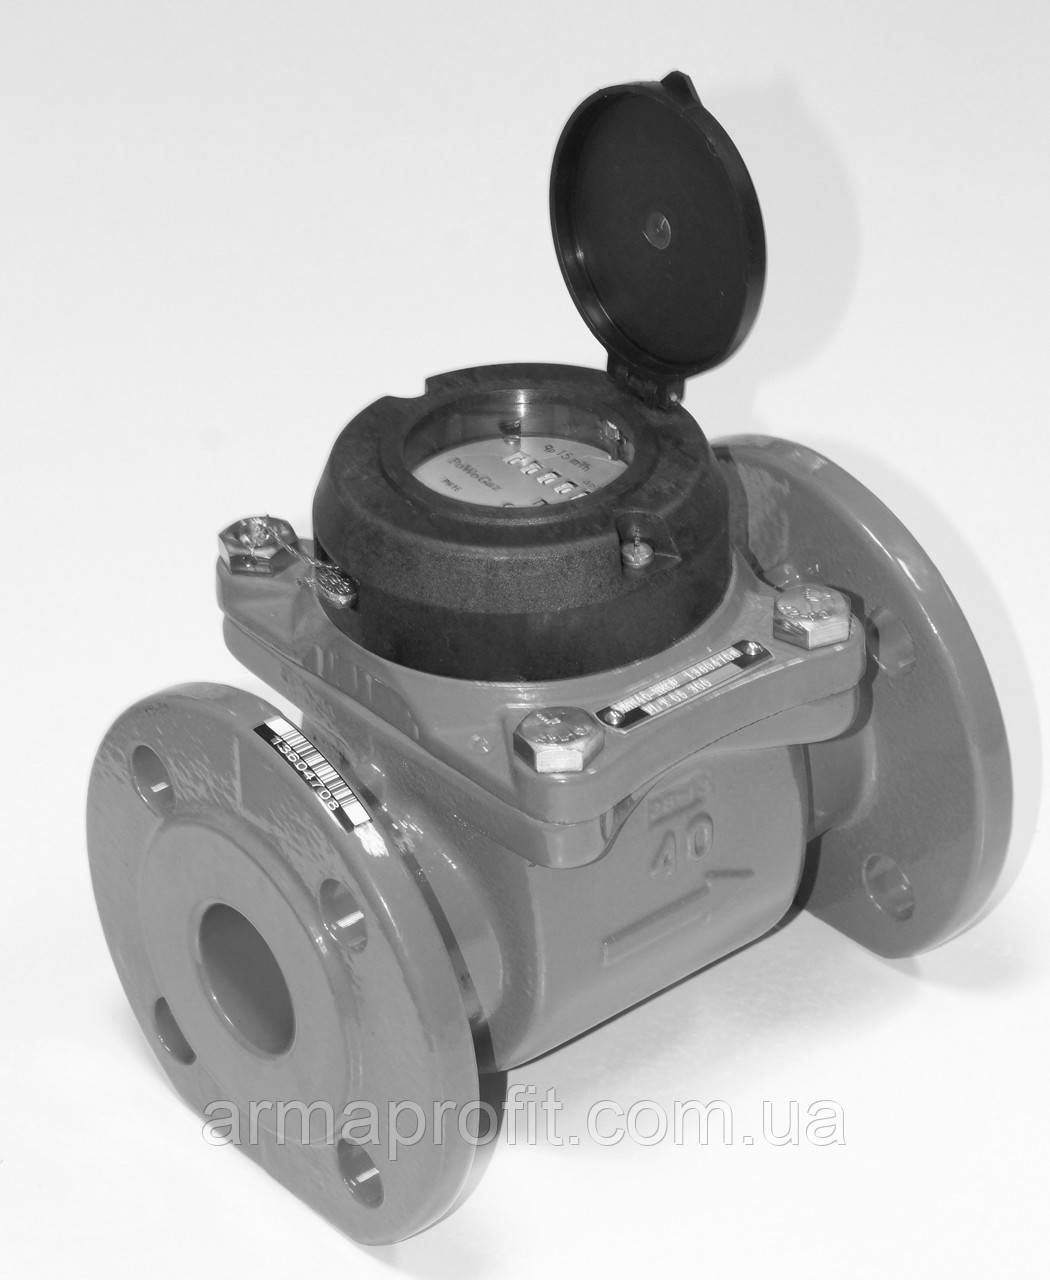 Счетчик холодной воды турбинный фланцевый Ду250 Powogaz MWN-50-250